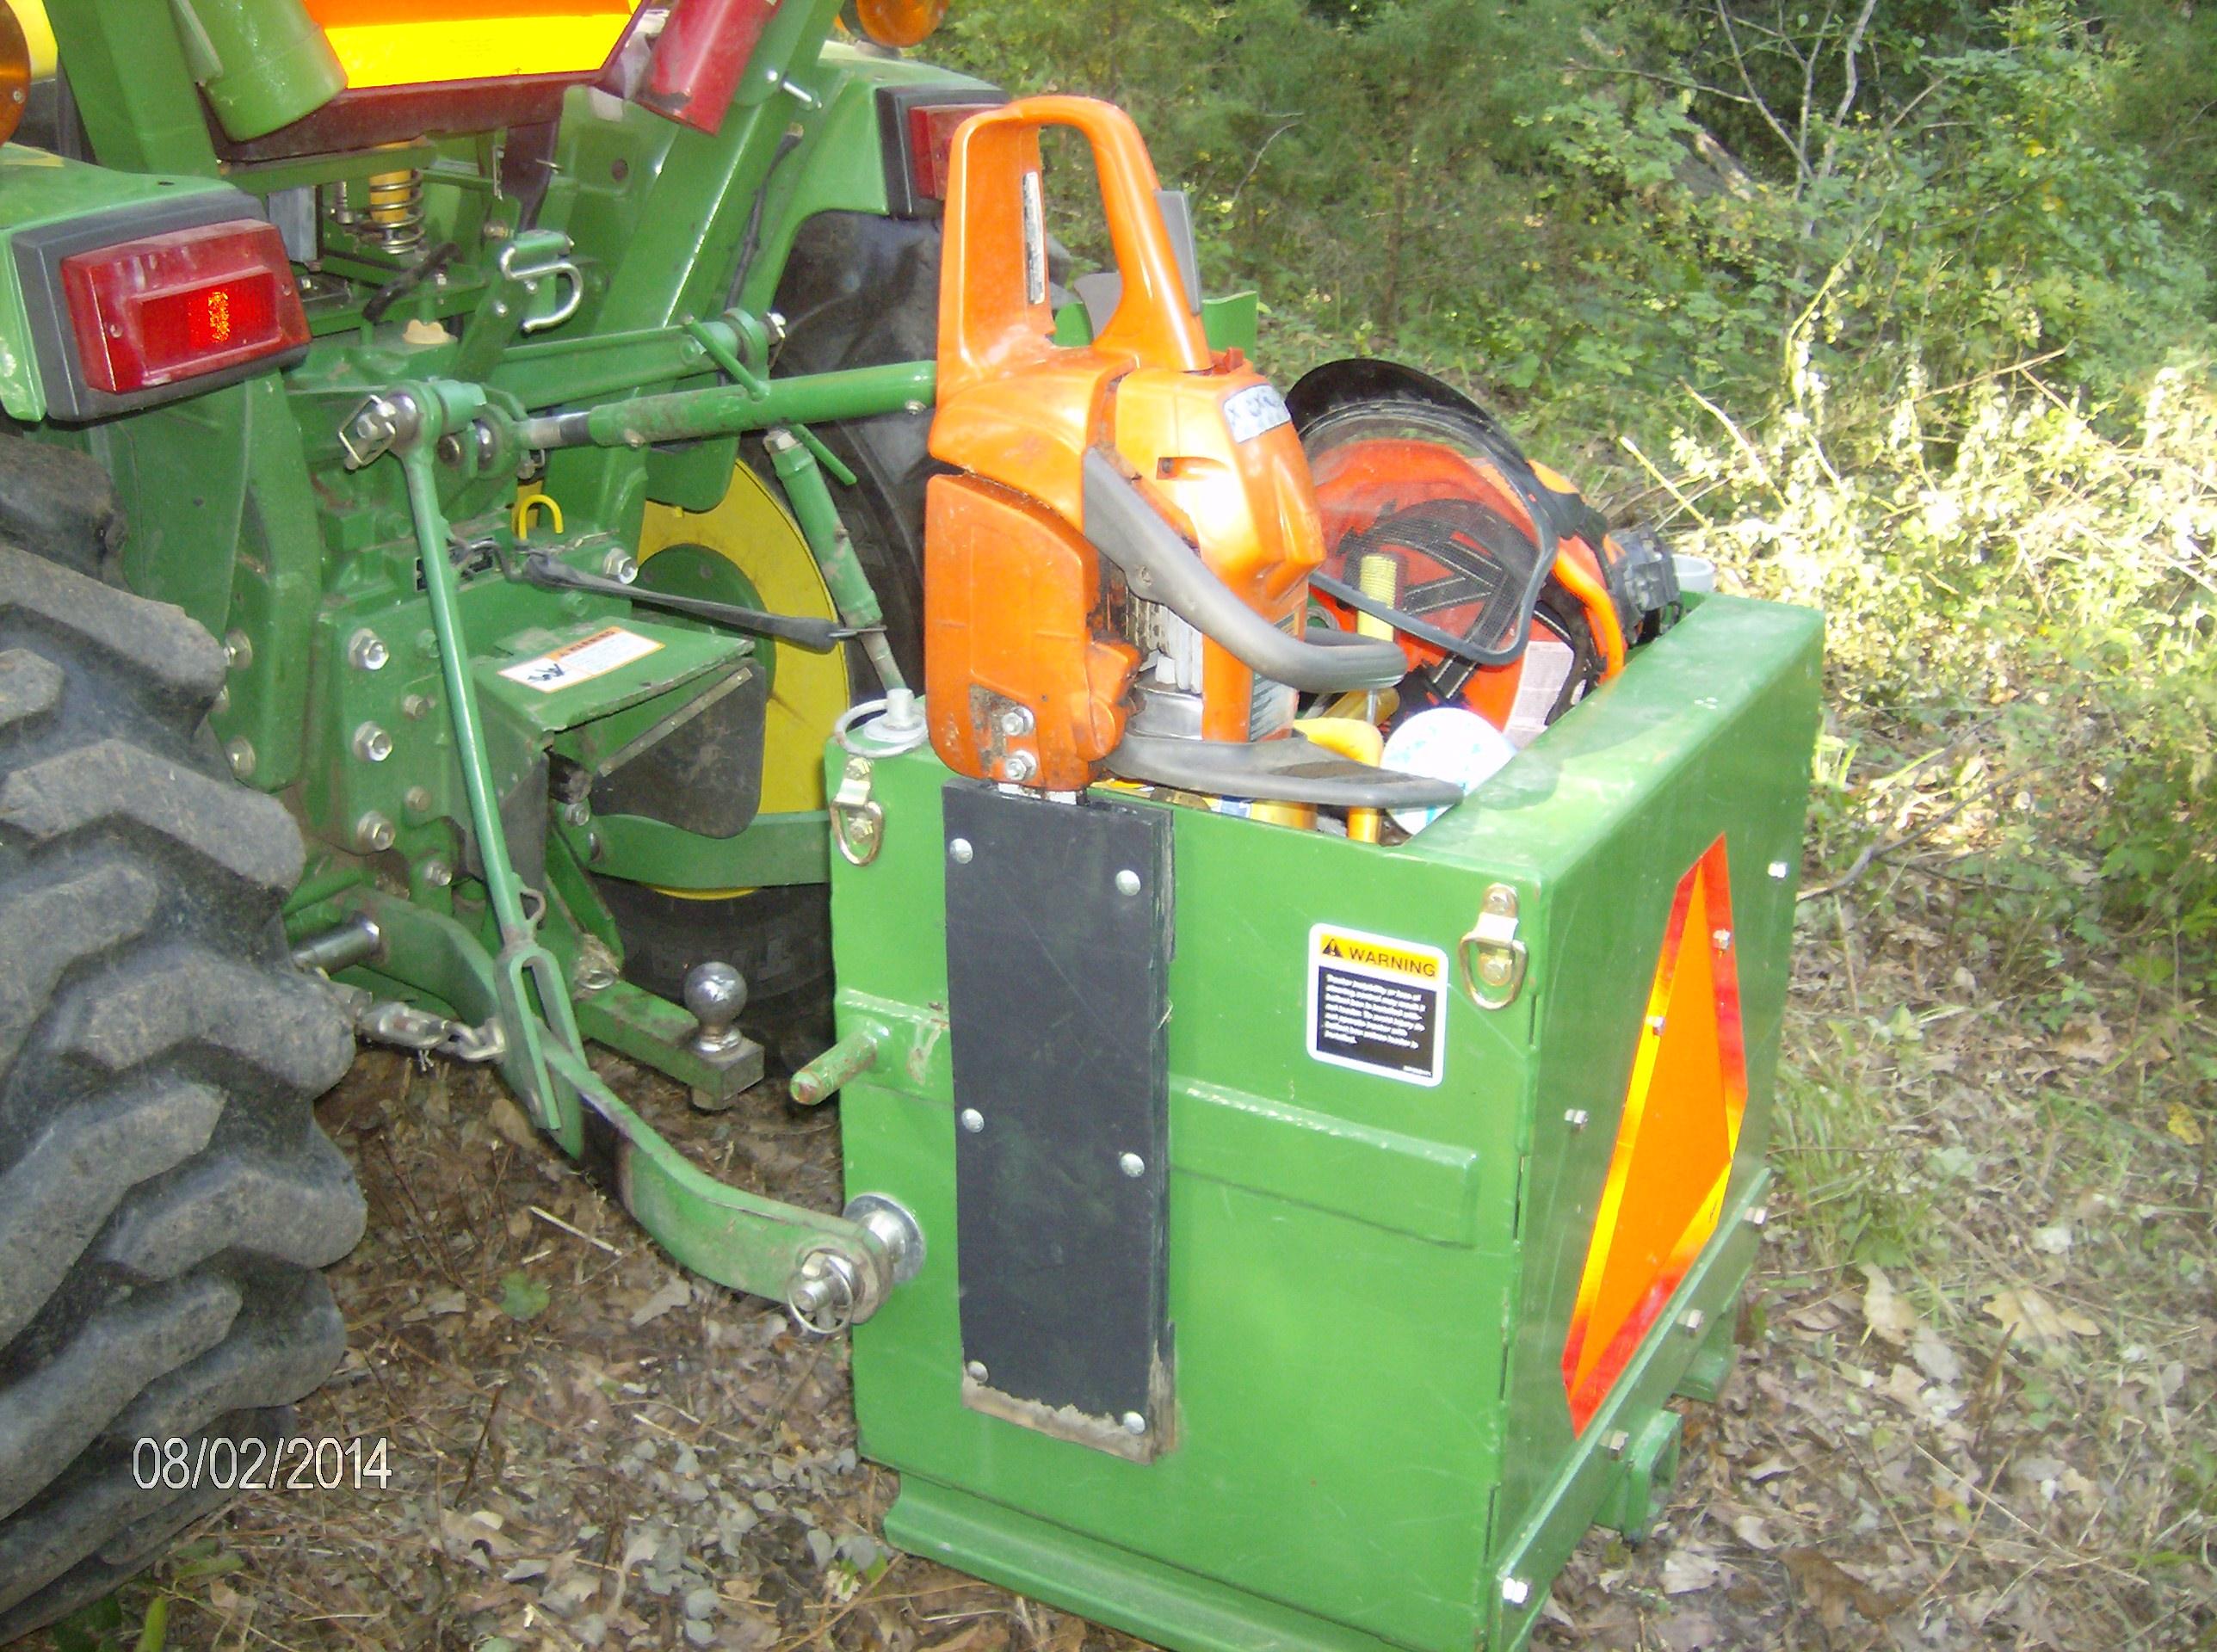 Tractor Ballast Box : Jd ballast box question page